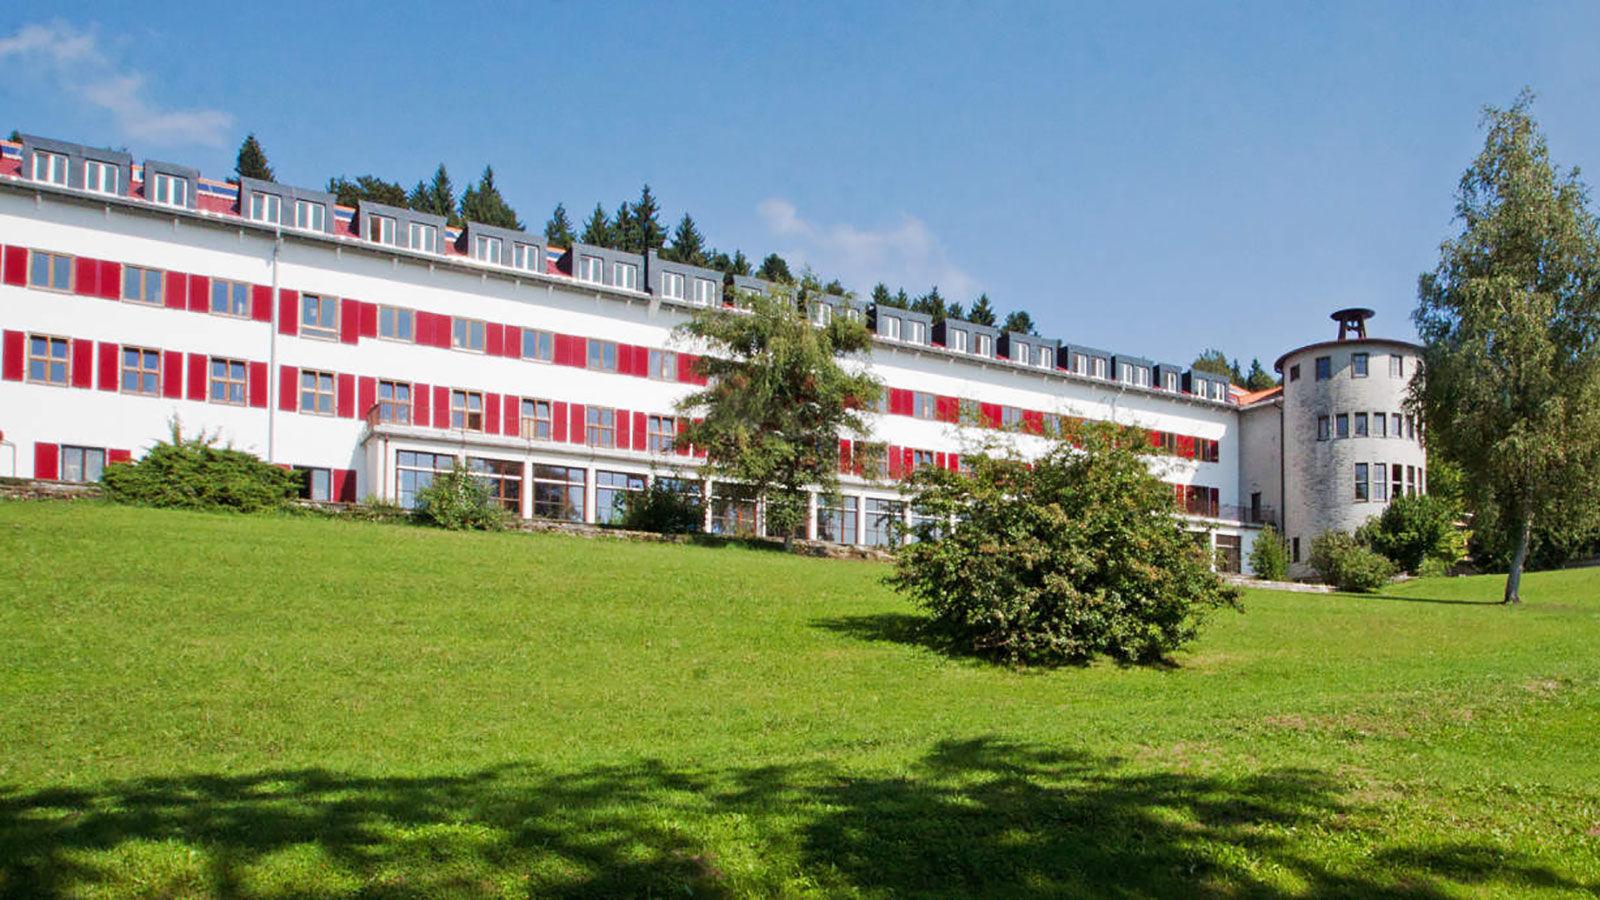 Lindenberg Schule: немецкий язык в группе и индивидуально